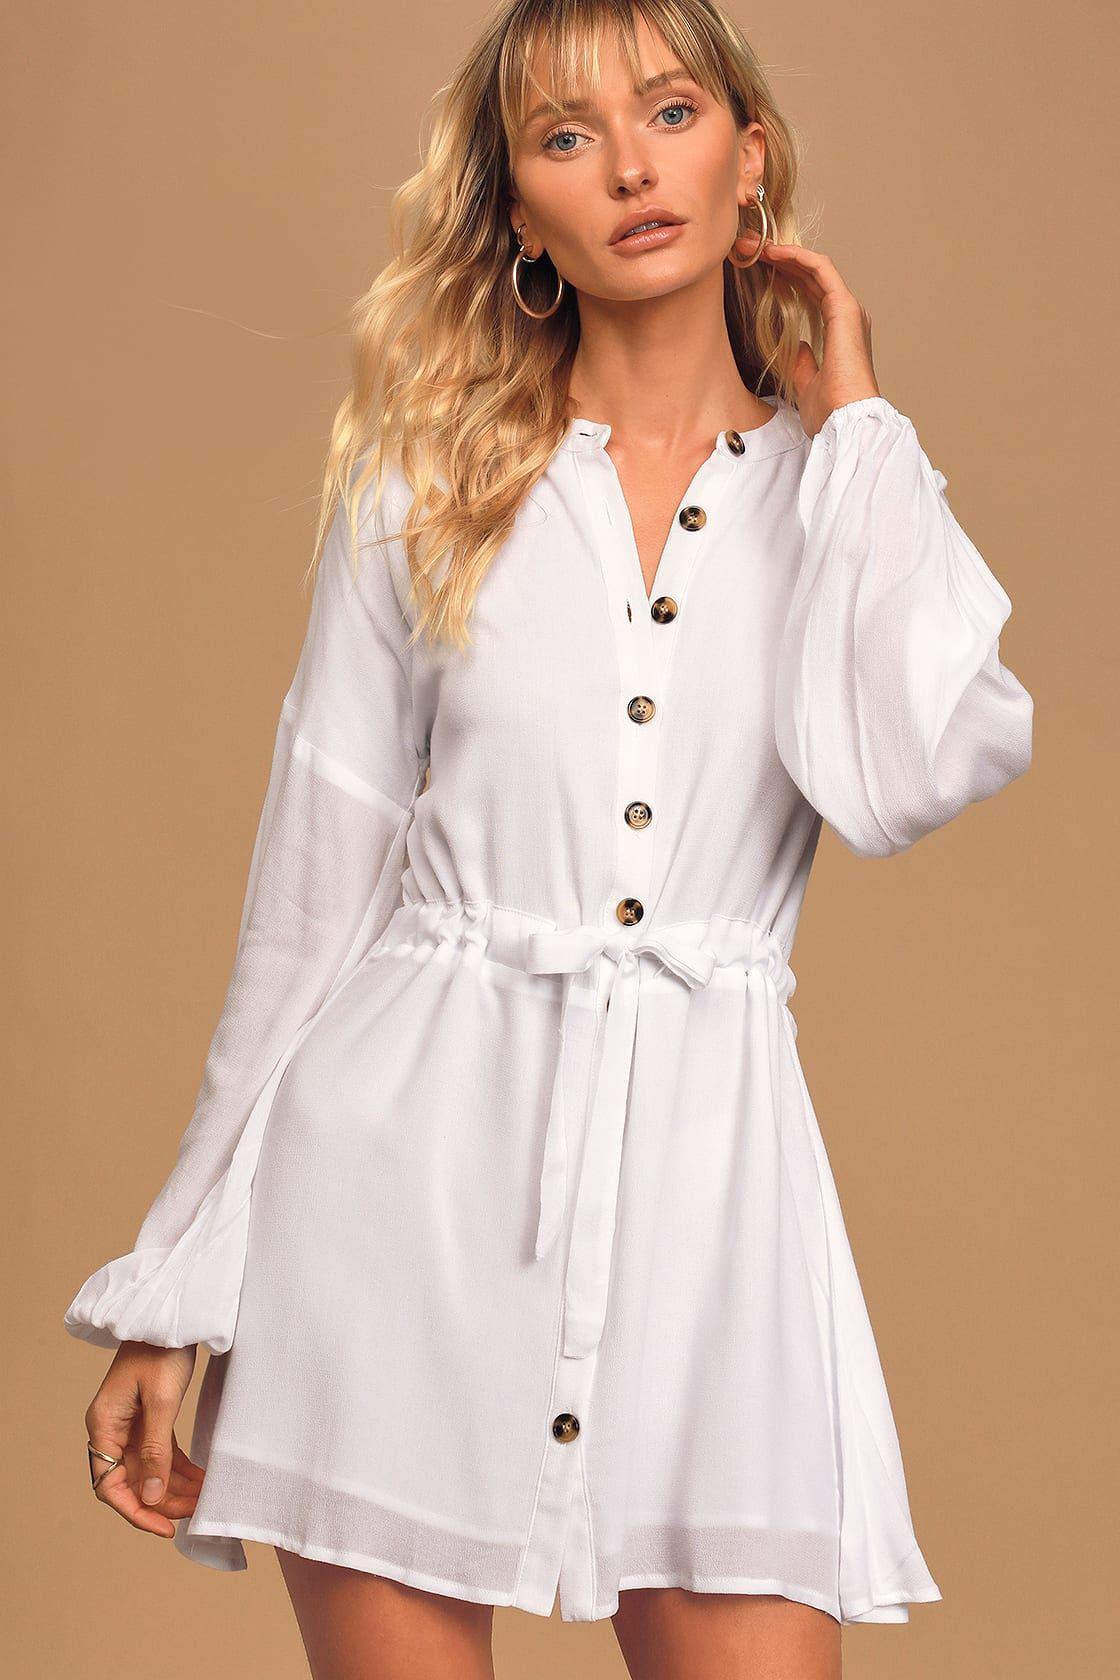 Cali White Long Sleeve Button Up Mini Dress Long Sleeve Skater Dress White Lace Skater Dress Cute Skater Dresses [ 1680 x 1120 Pixel ]